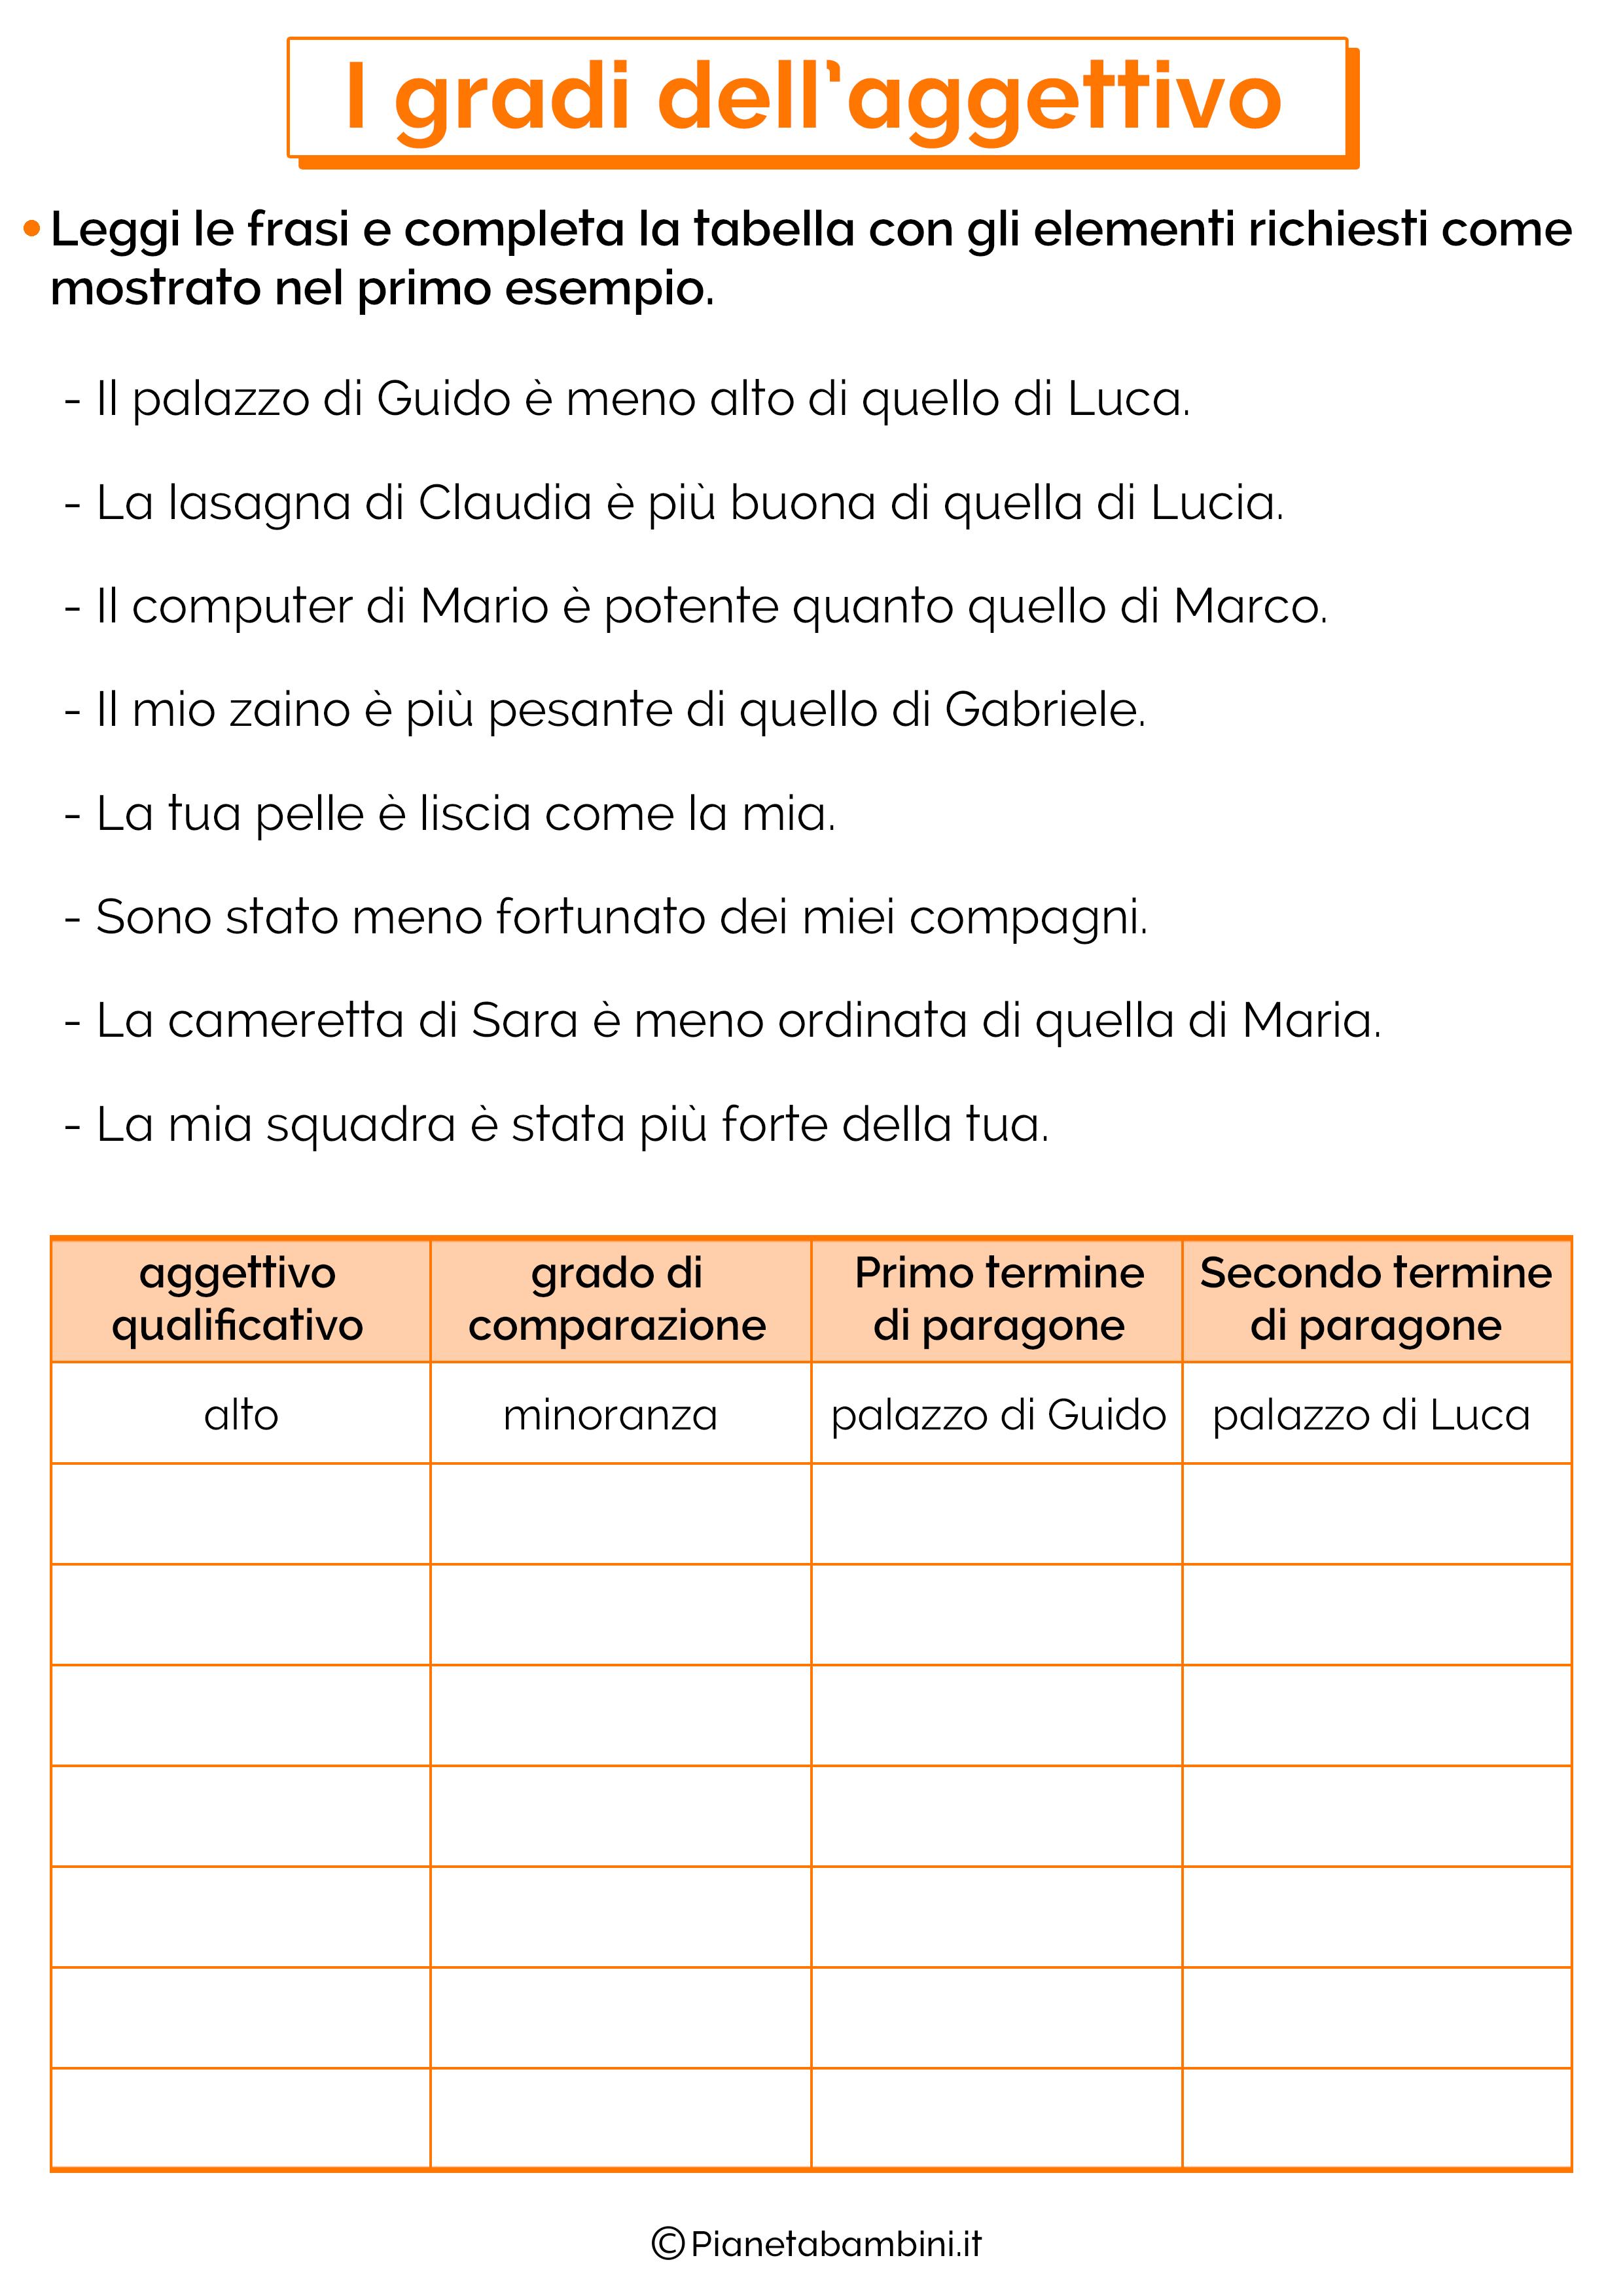 Esercizi sui gradi dell'aggettivo 3